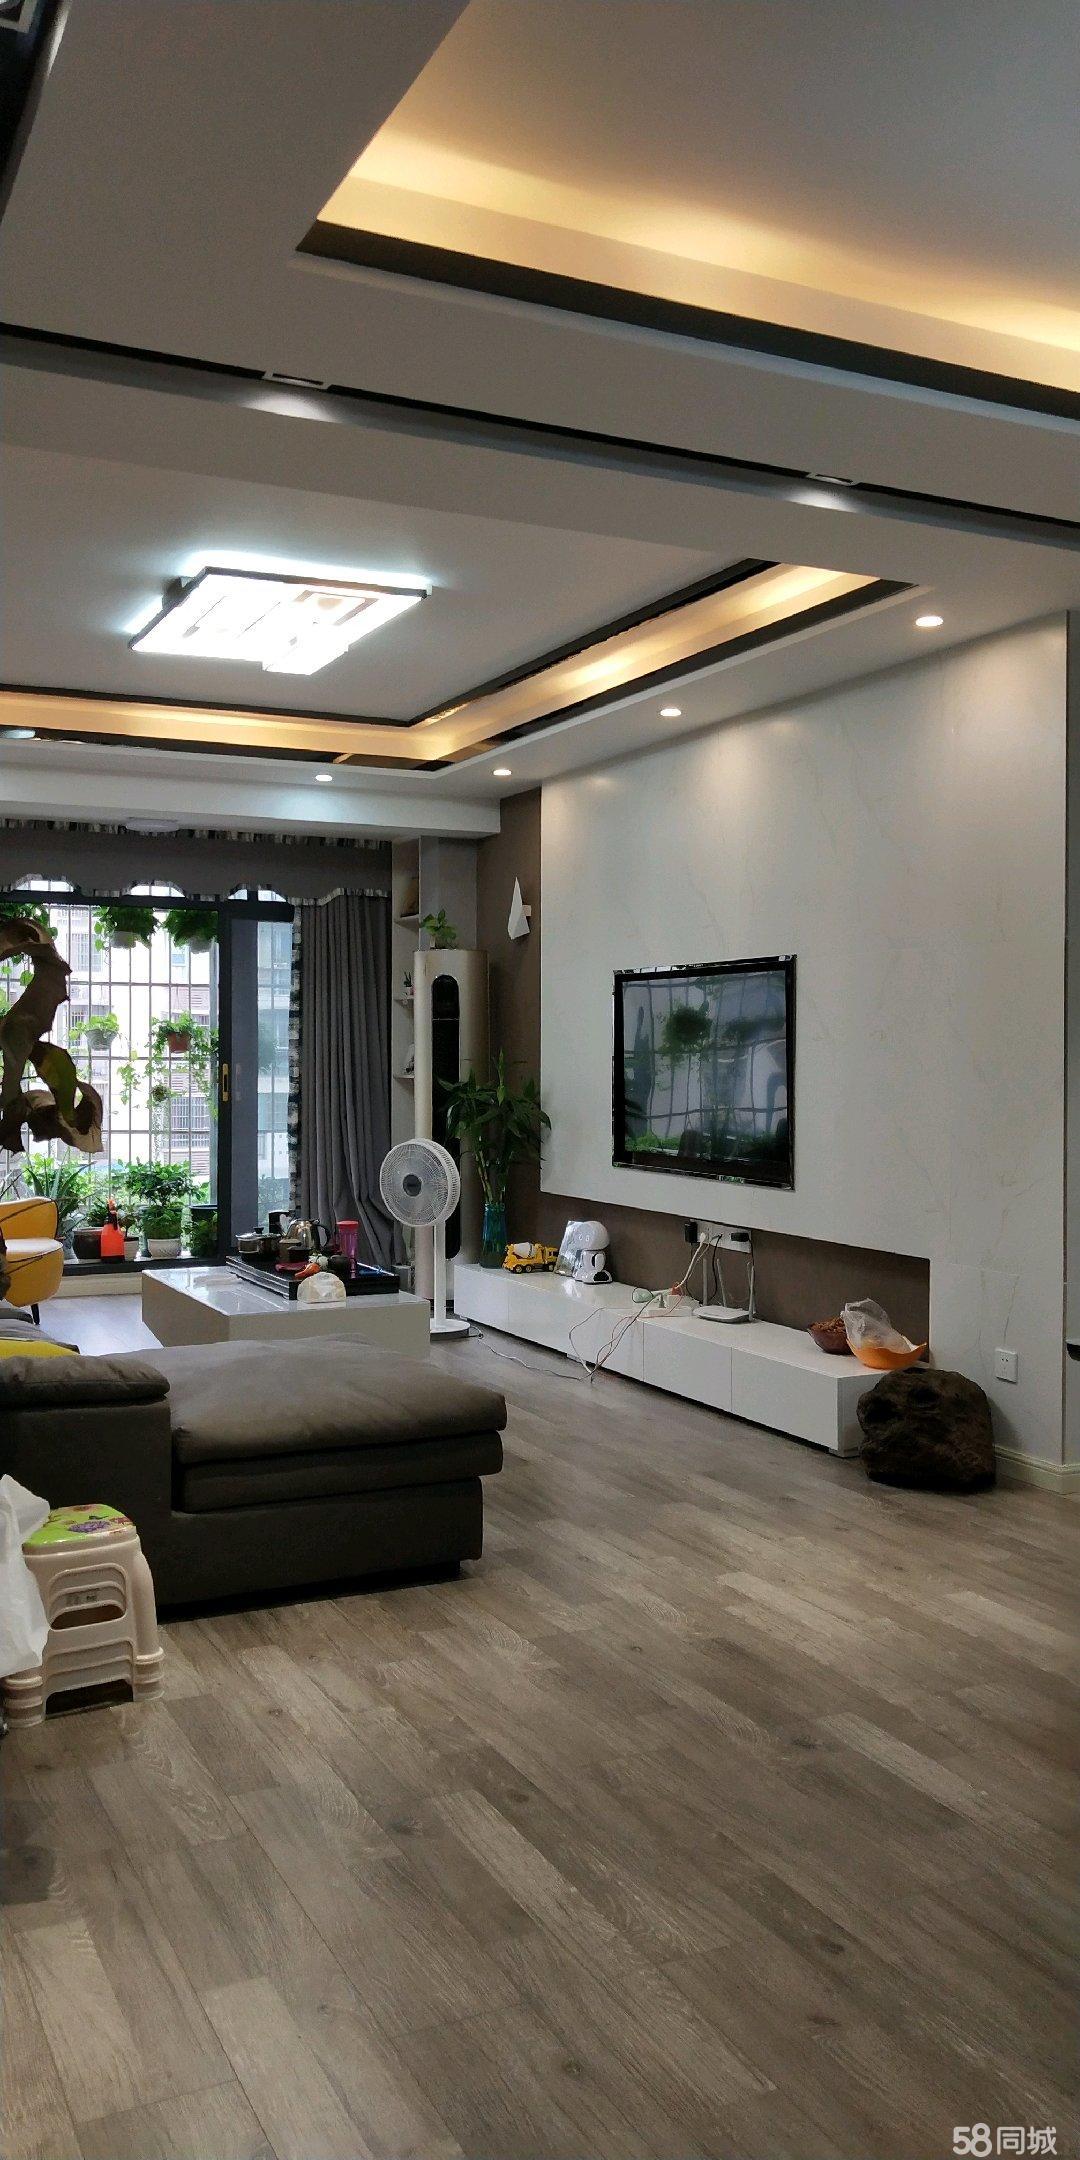 房屋急售,现代轻奢风格,新装修